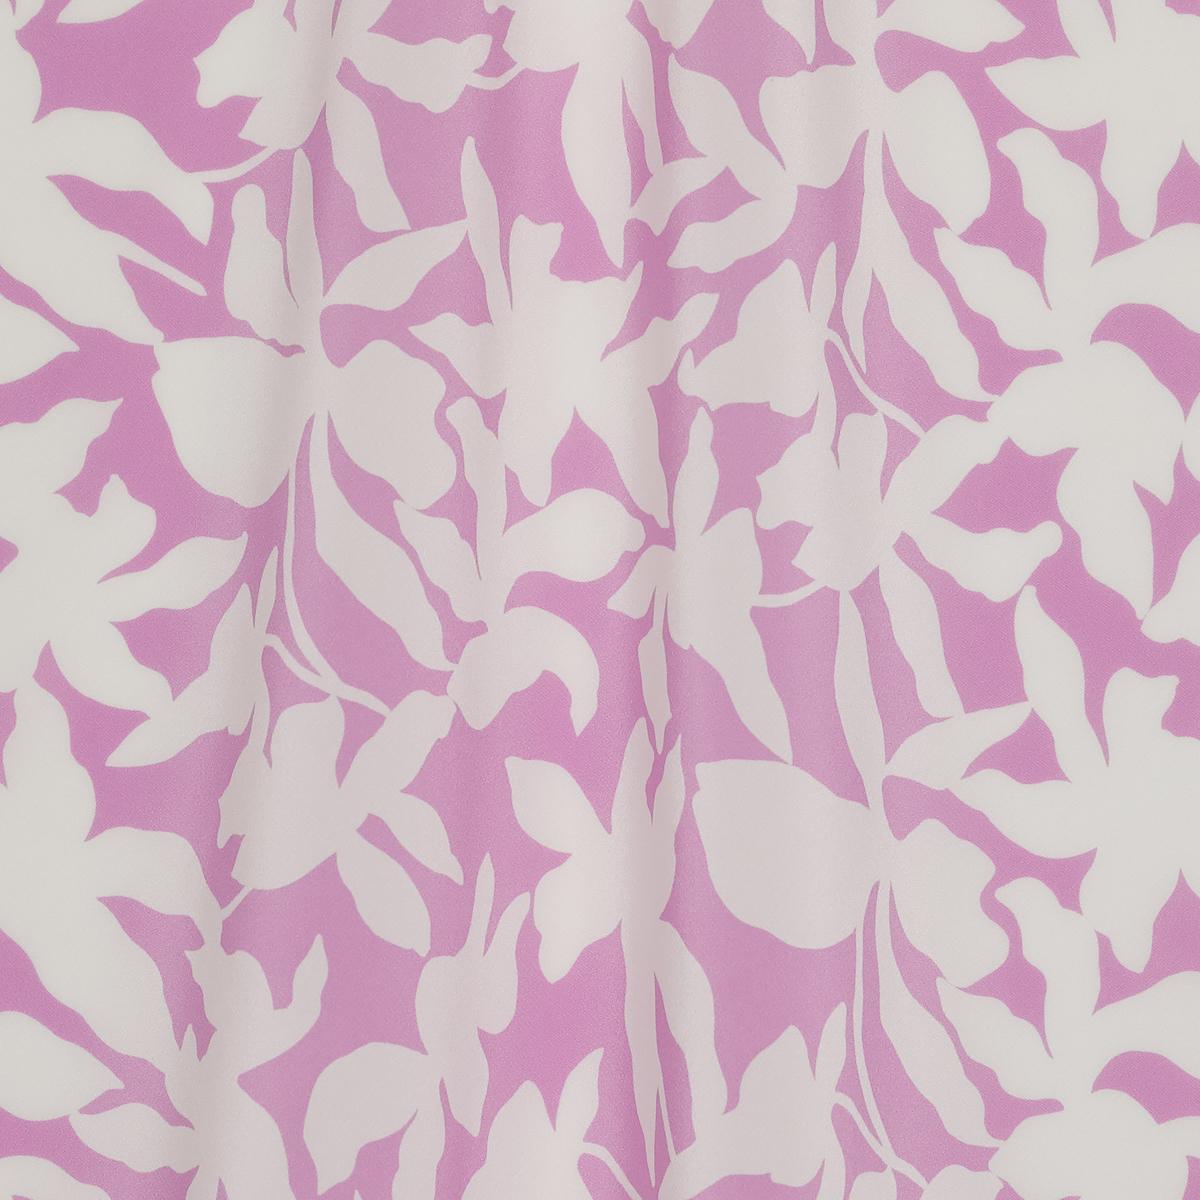 Шёлковый крепдешин с абстрактными силуэтами цветов